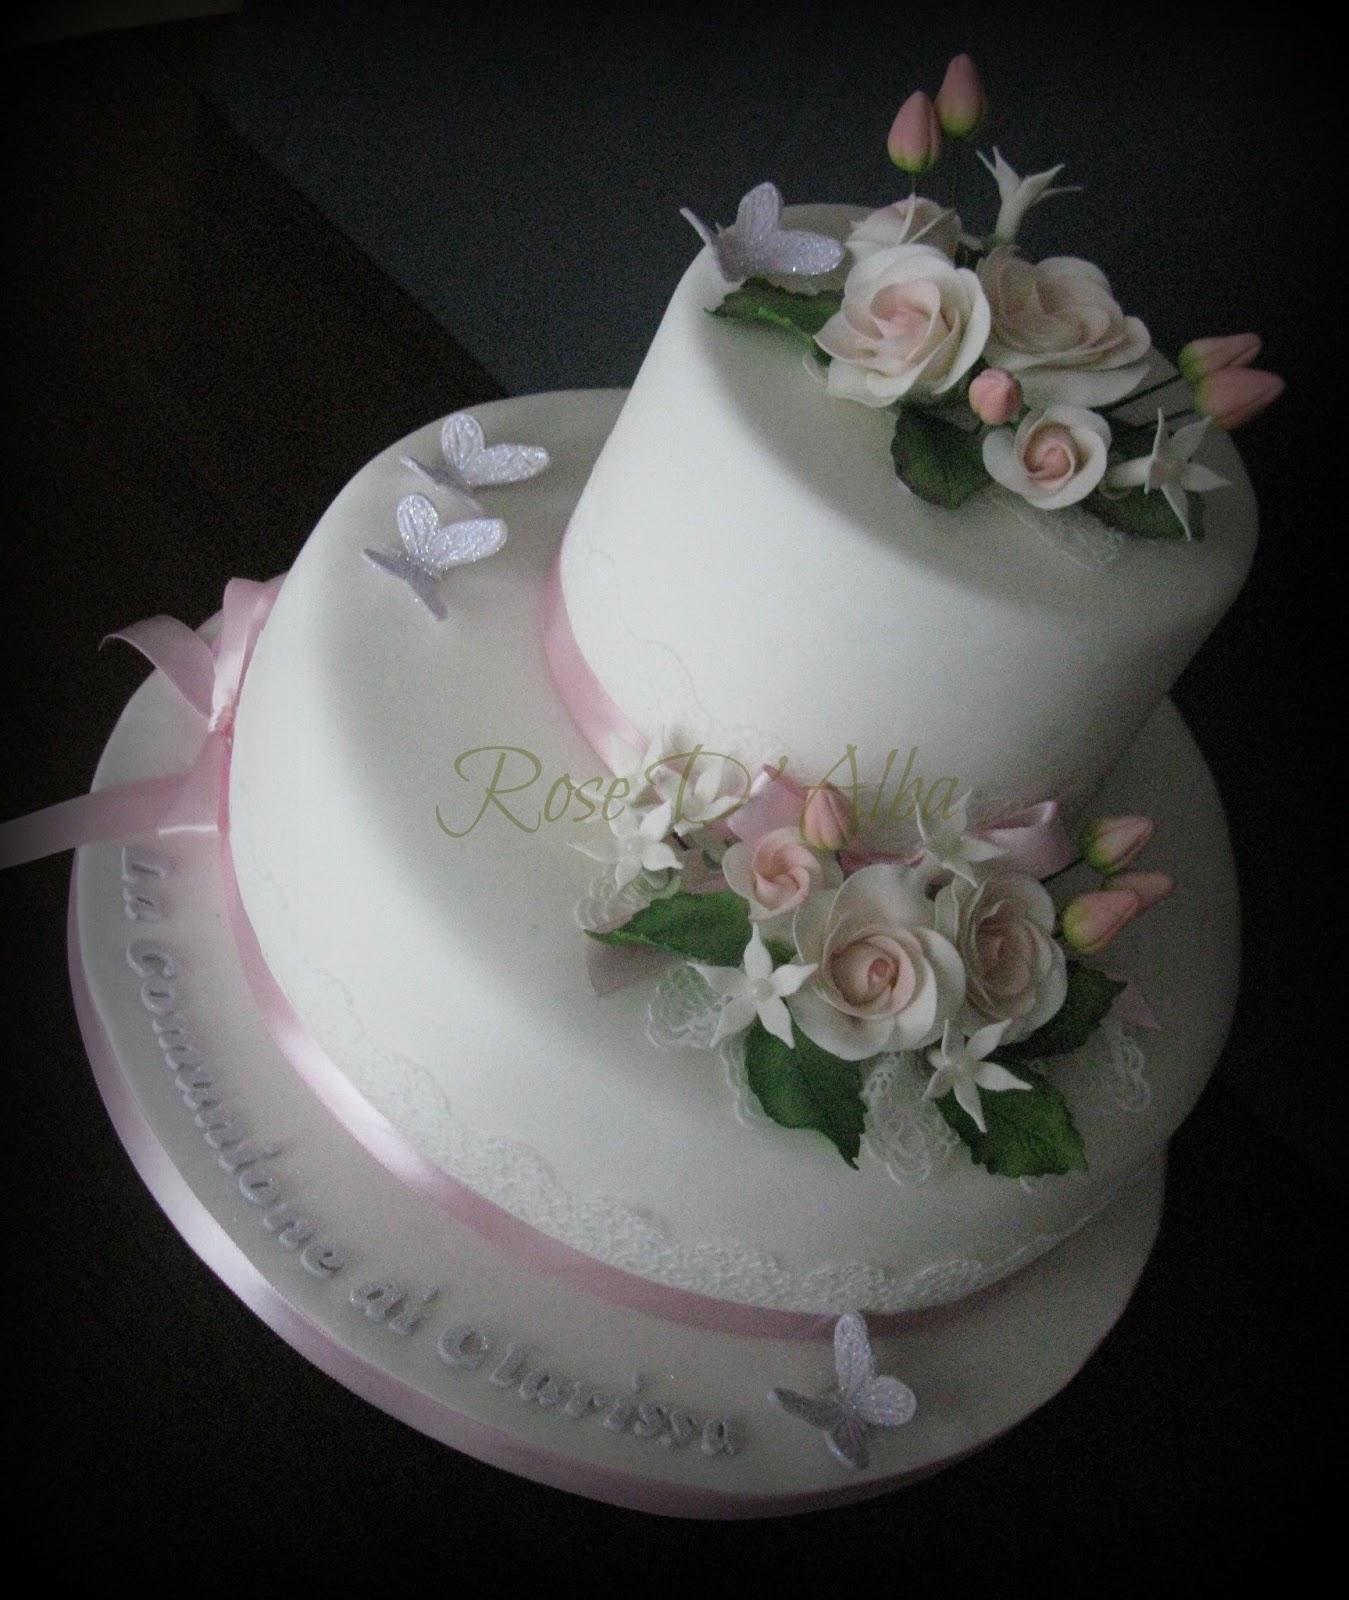 Très ROSE D' ALBA cake designer: Una torta raffinata per la Comunione  ZJ66